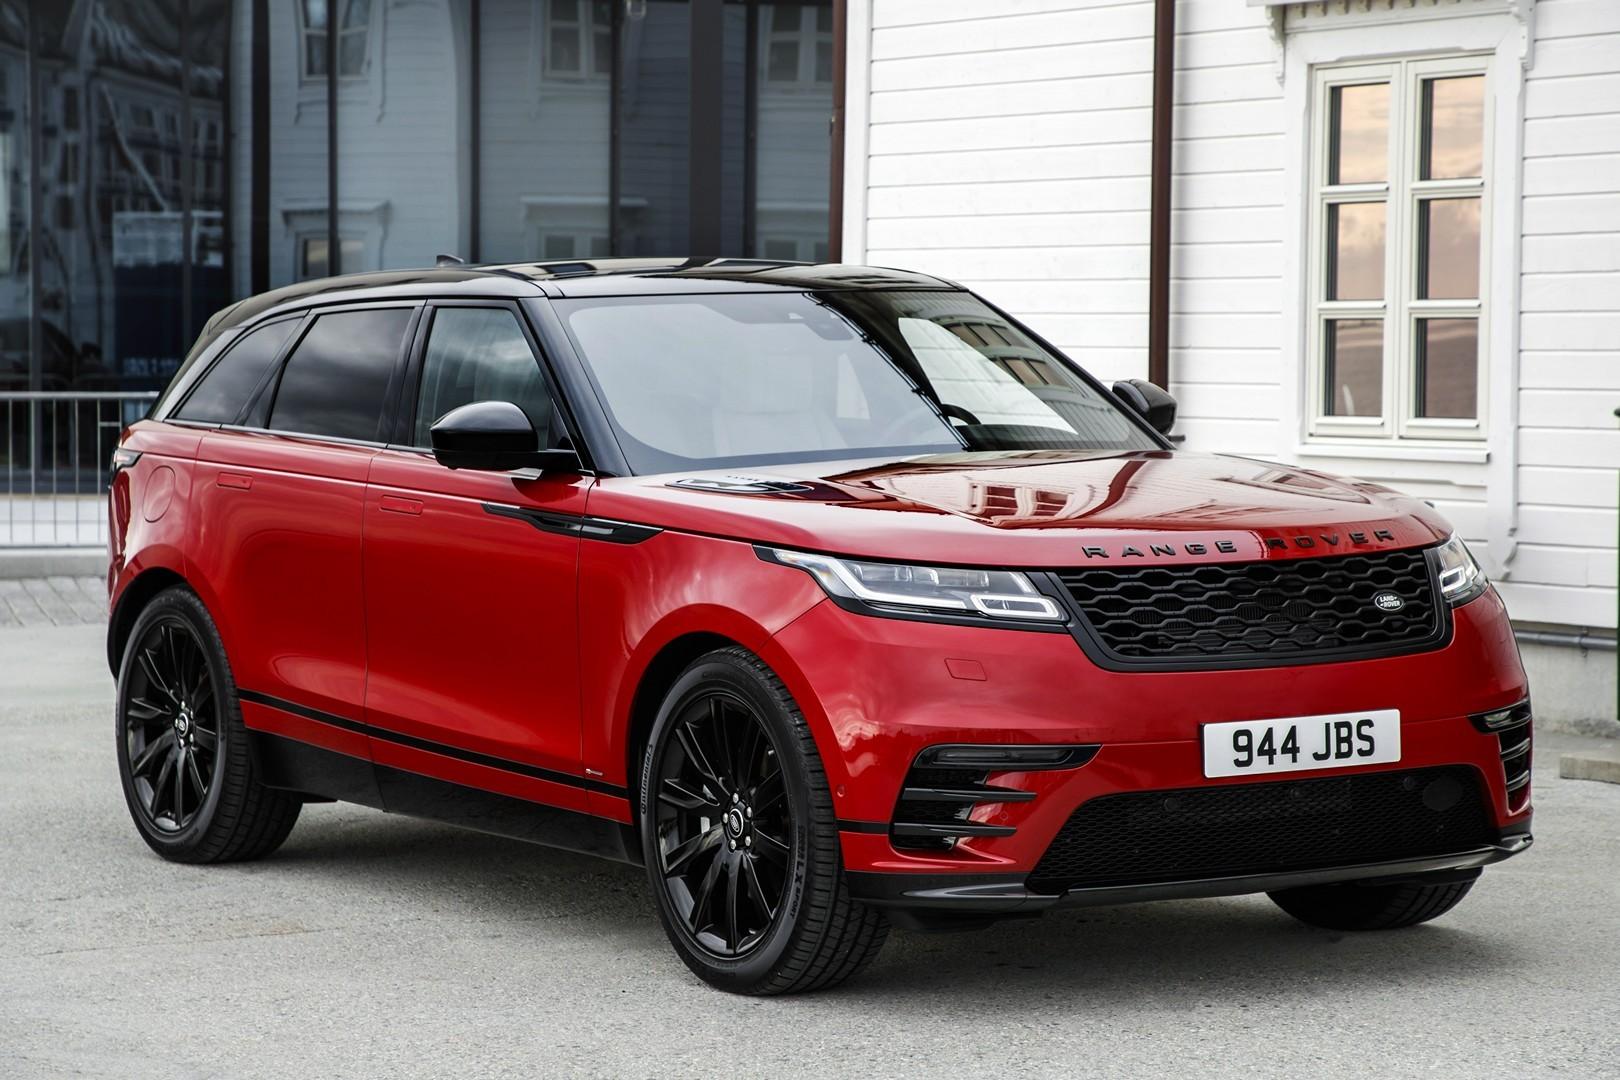 Land Rover Range Rover Velar R Dynamic Hse >> Range Rover Velar Convertible Rendering Looks Like a Luxury Boat - autoevolution